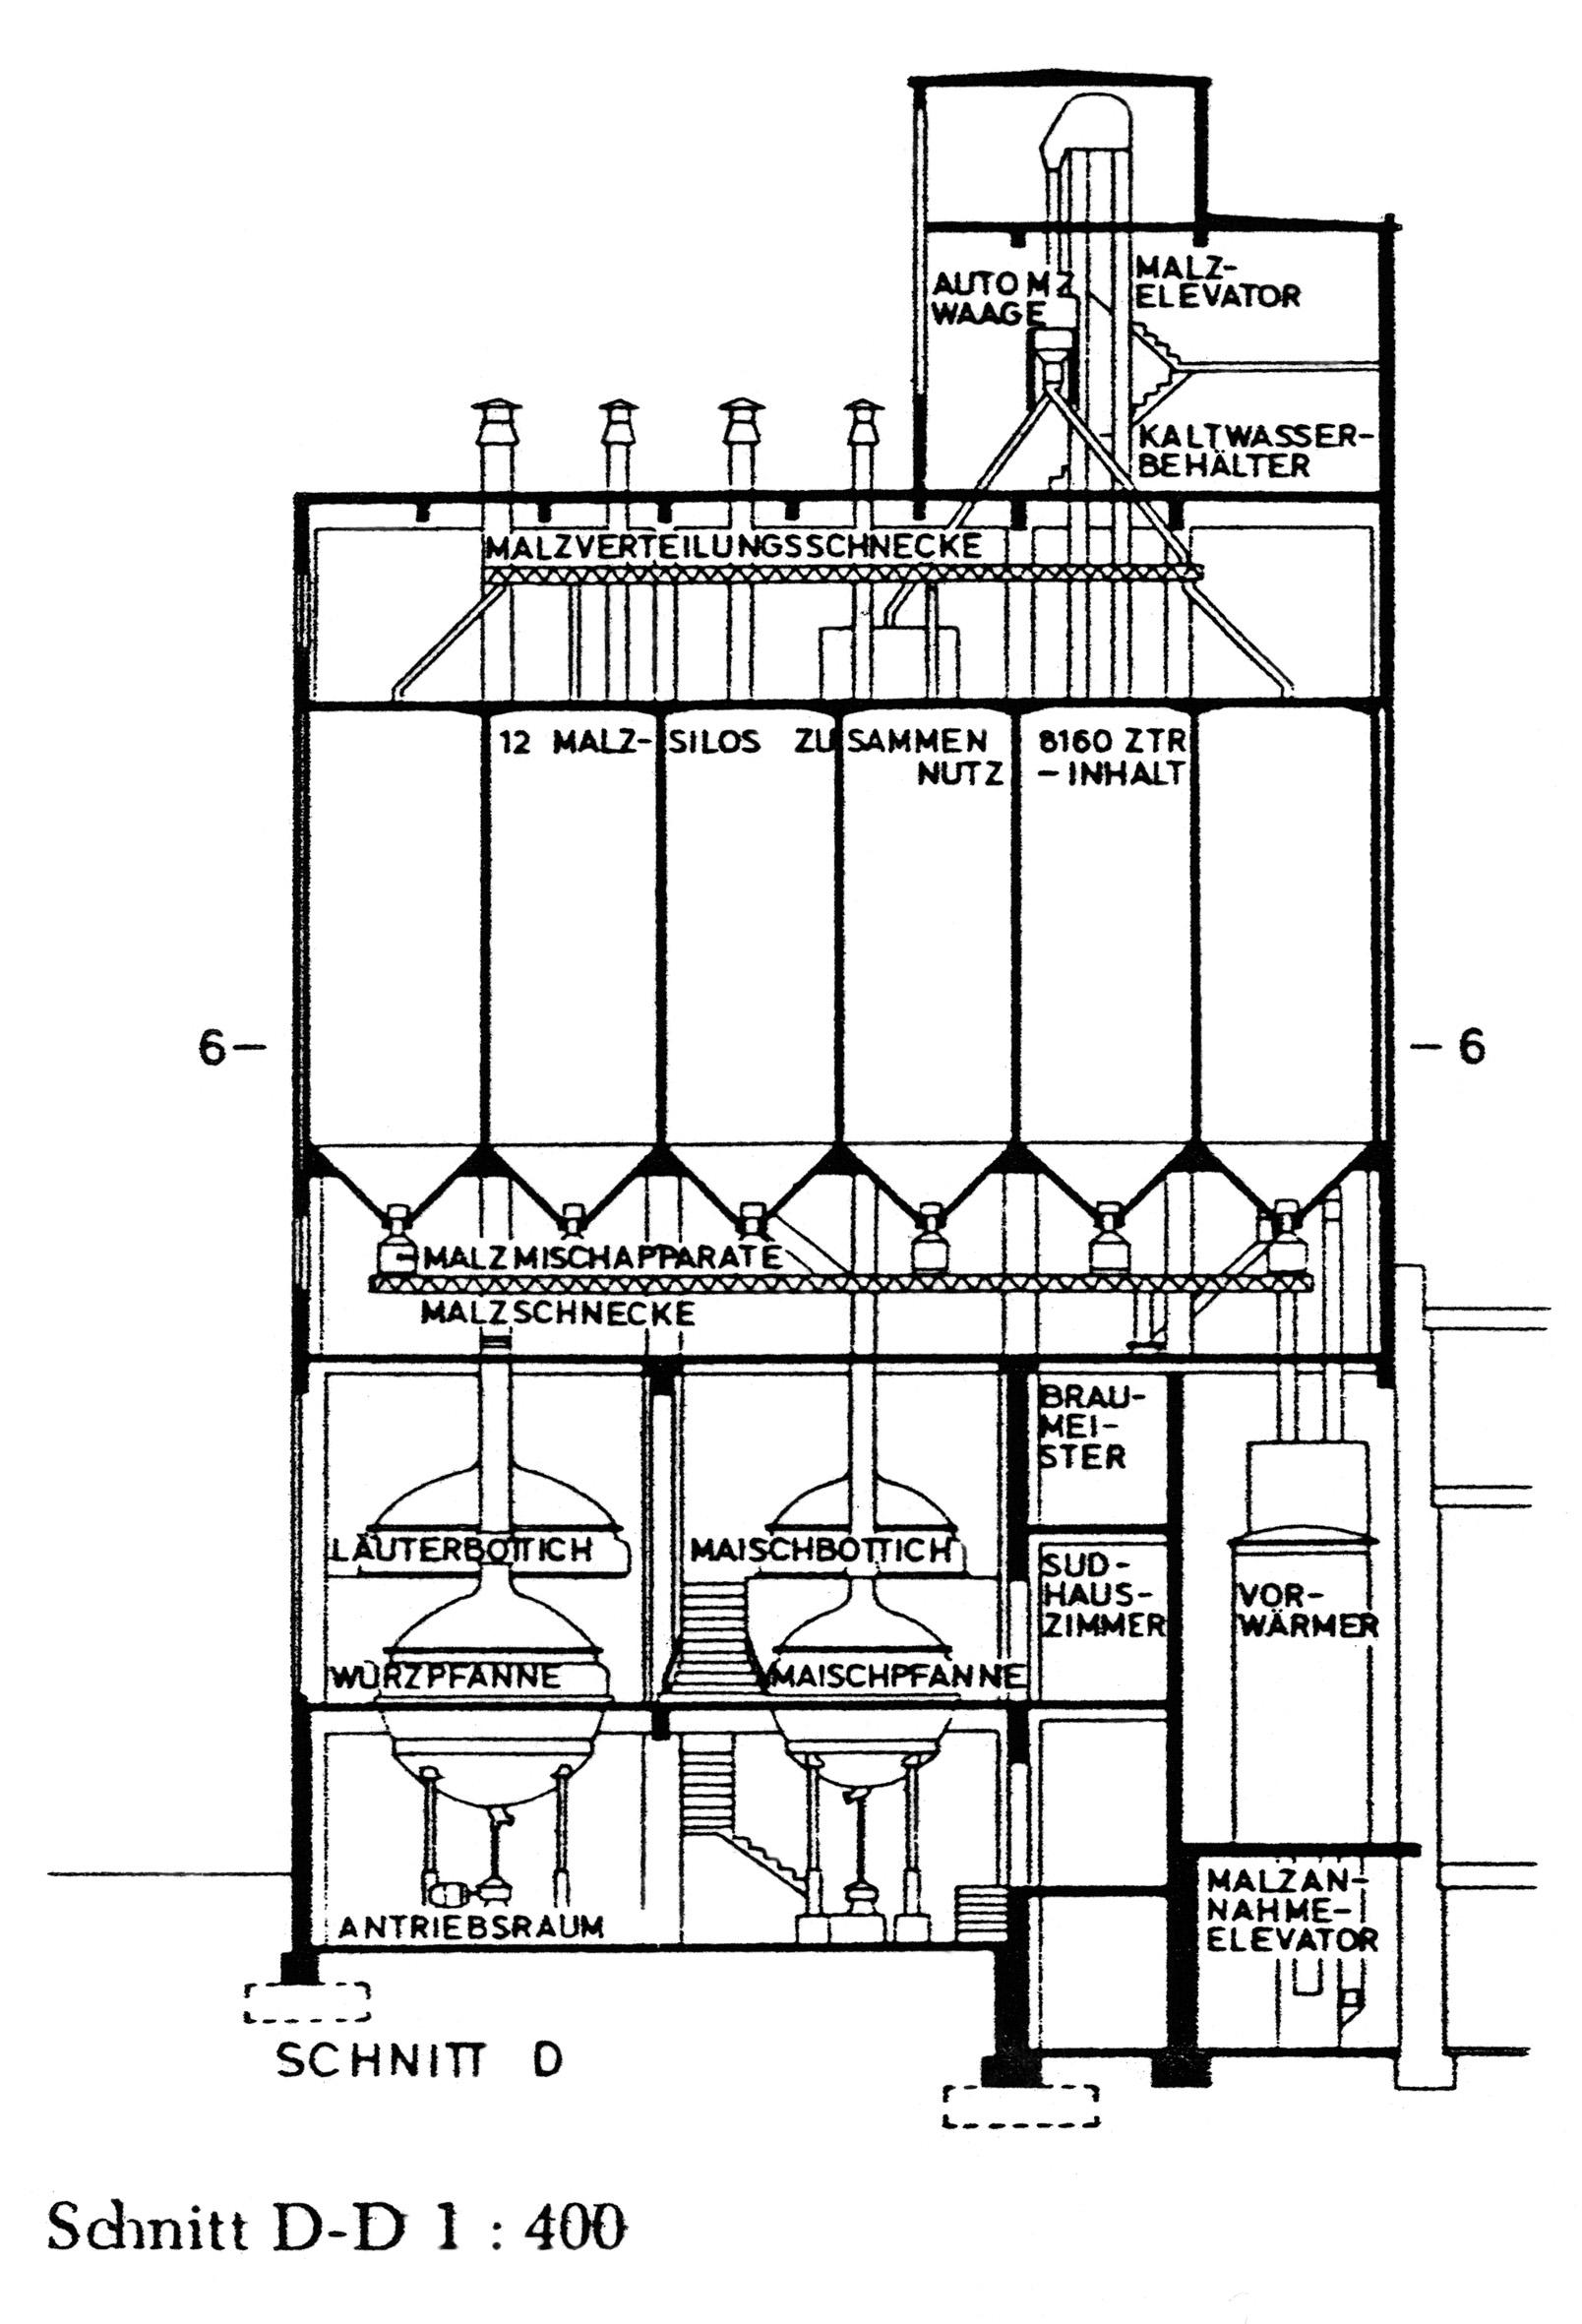 presseunterlagen zum sudhaus des adambräu — aut. architektur und tirol